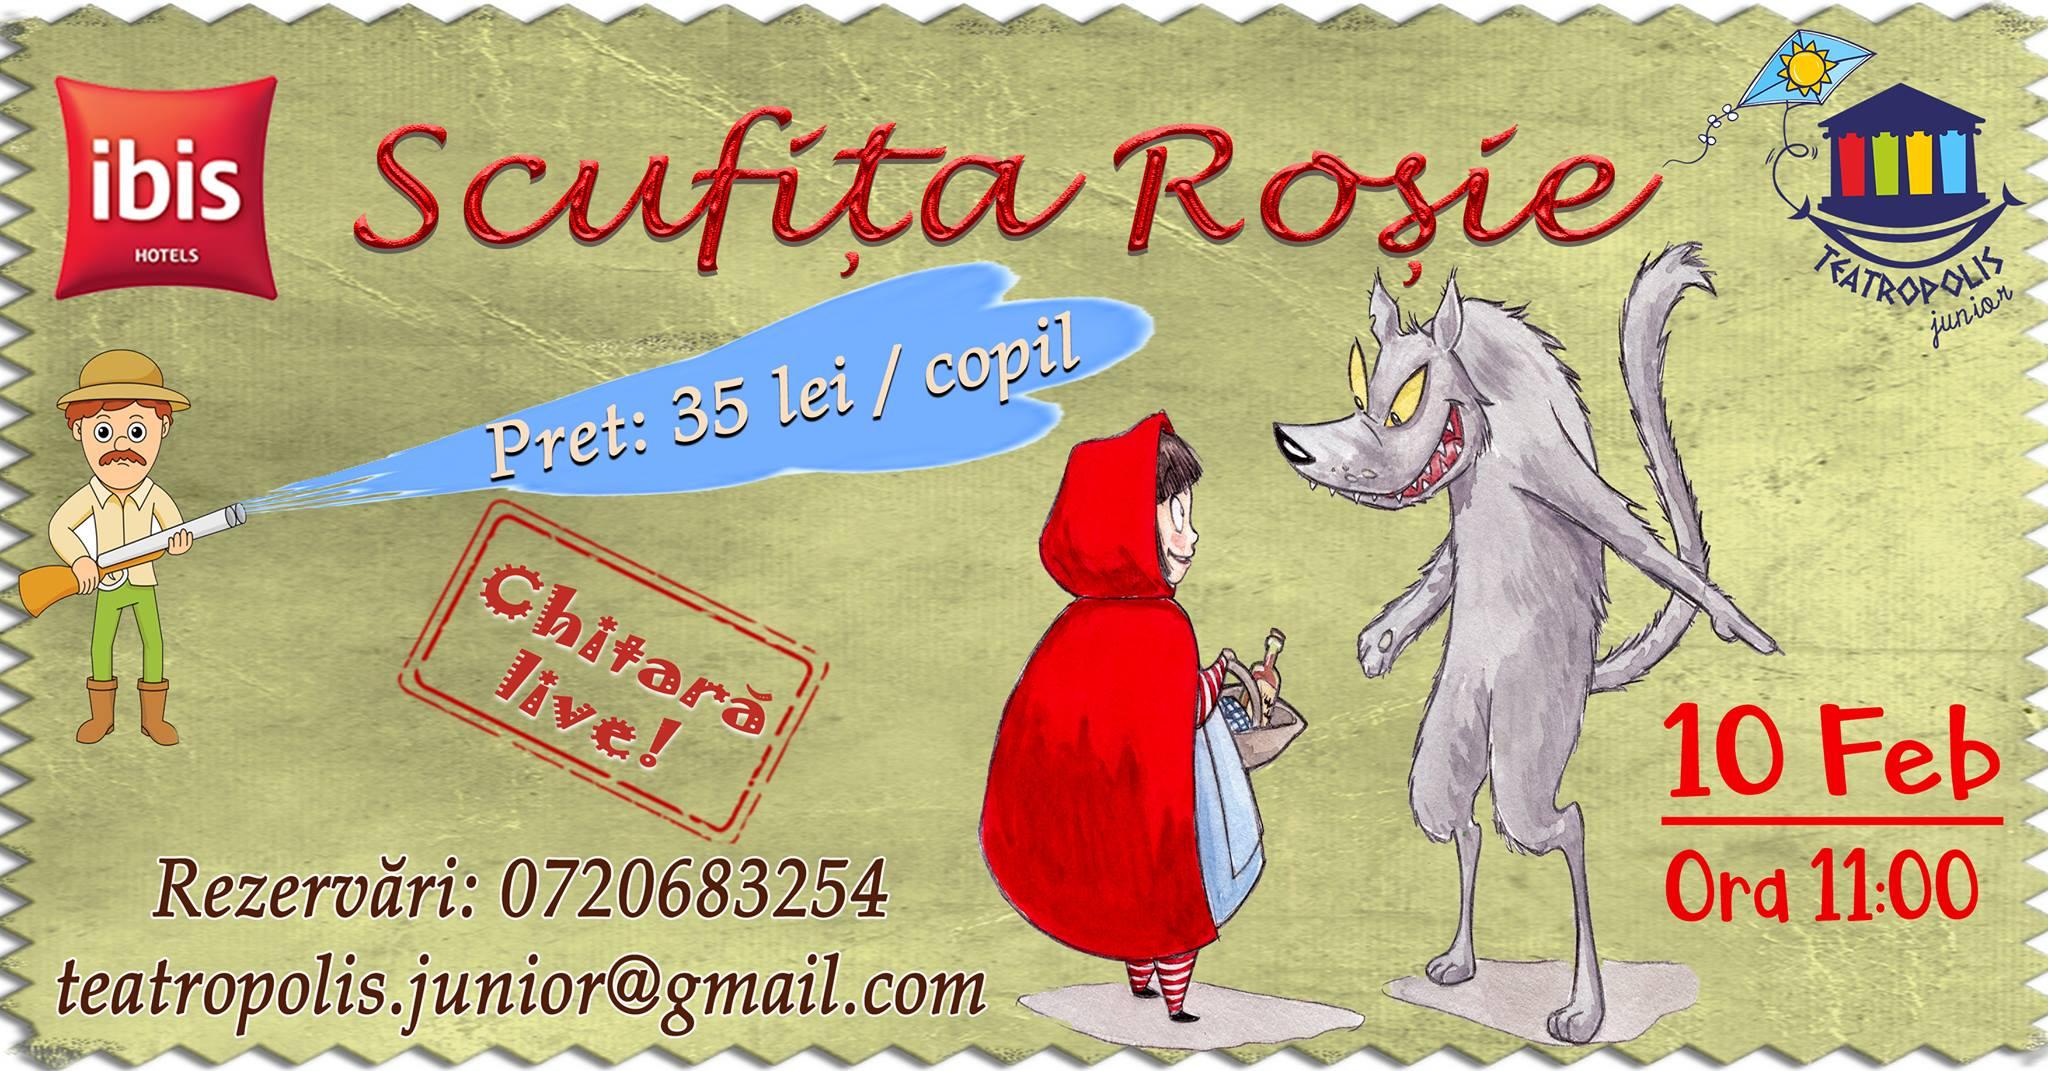 Activități pentru copii în weekendul 10-11 februarie - RevistaMargot.ro